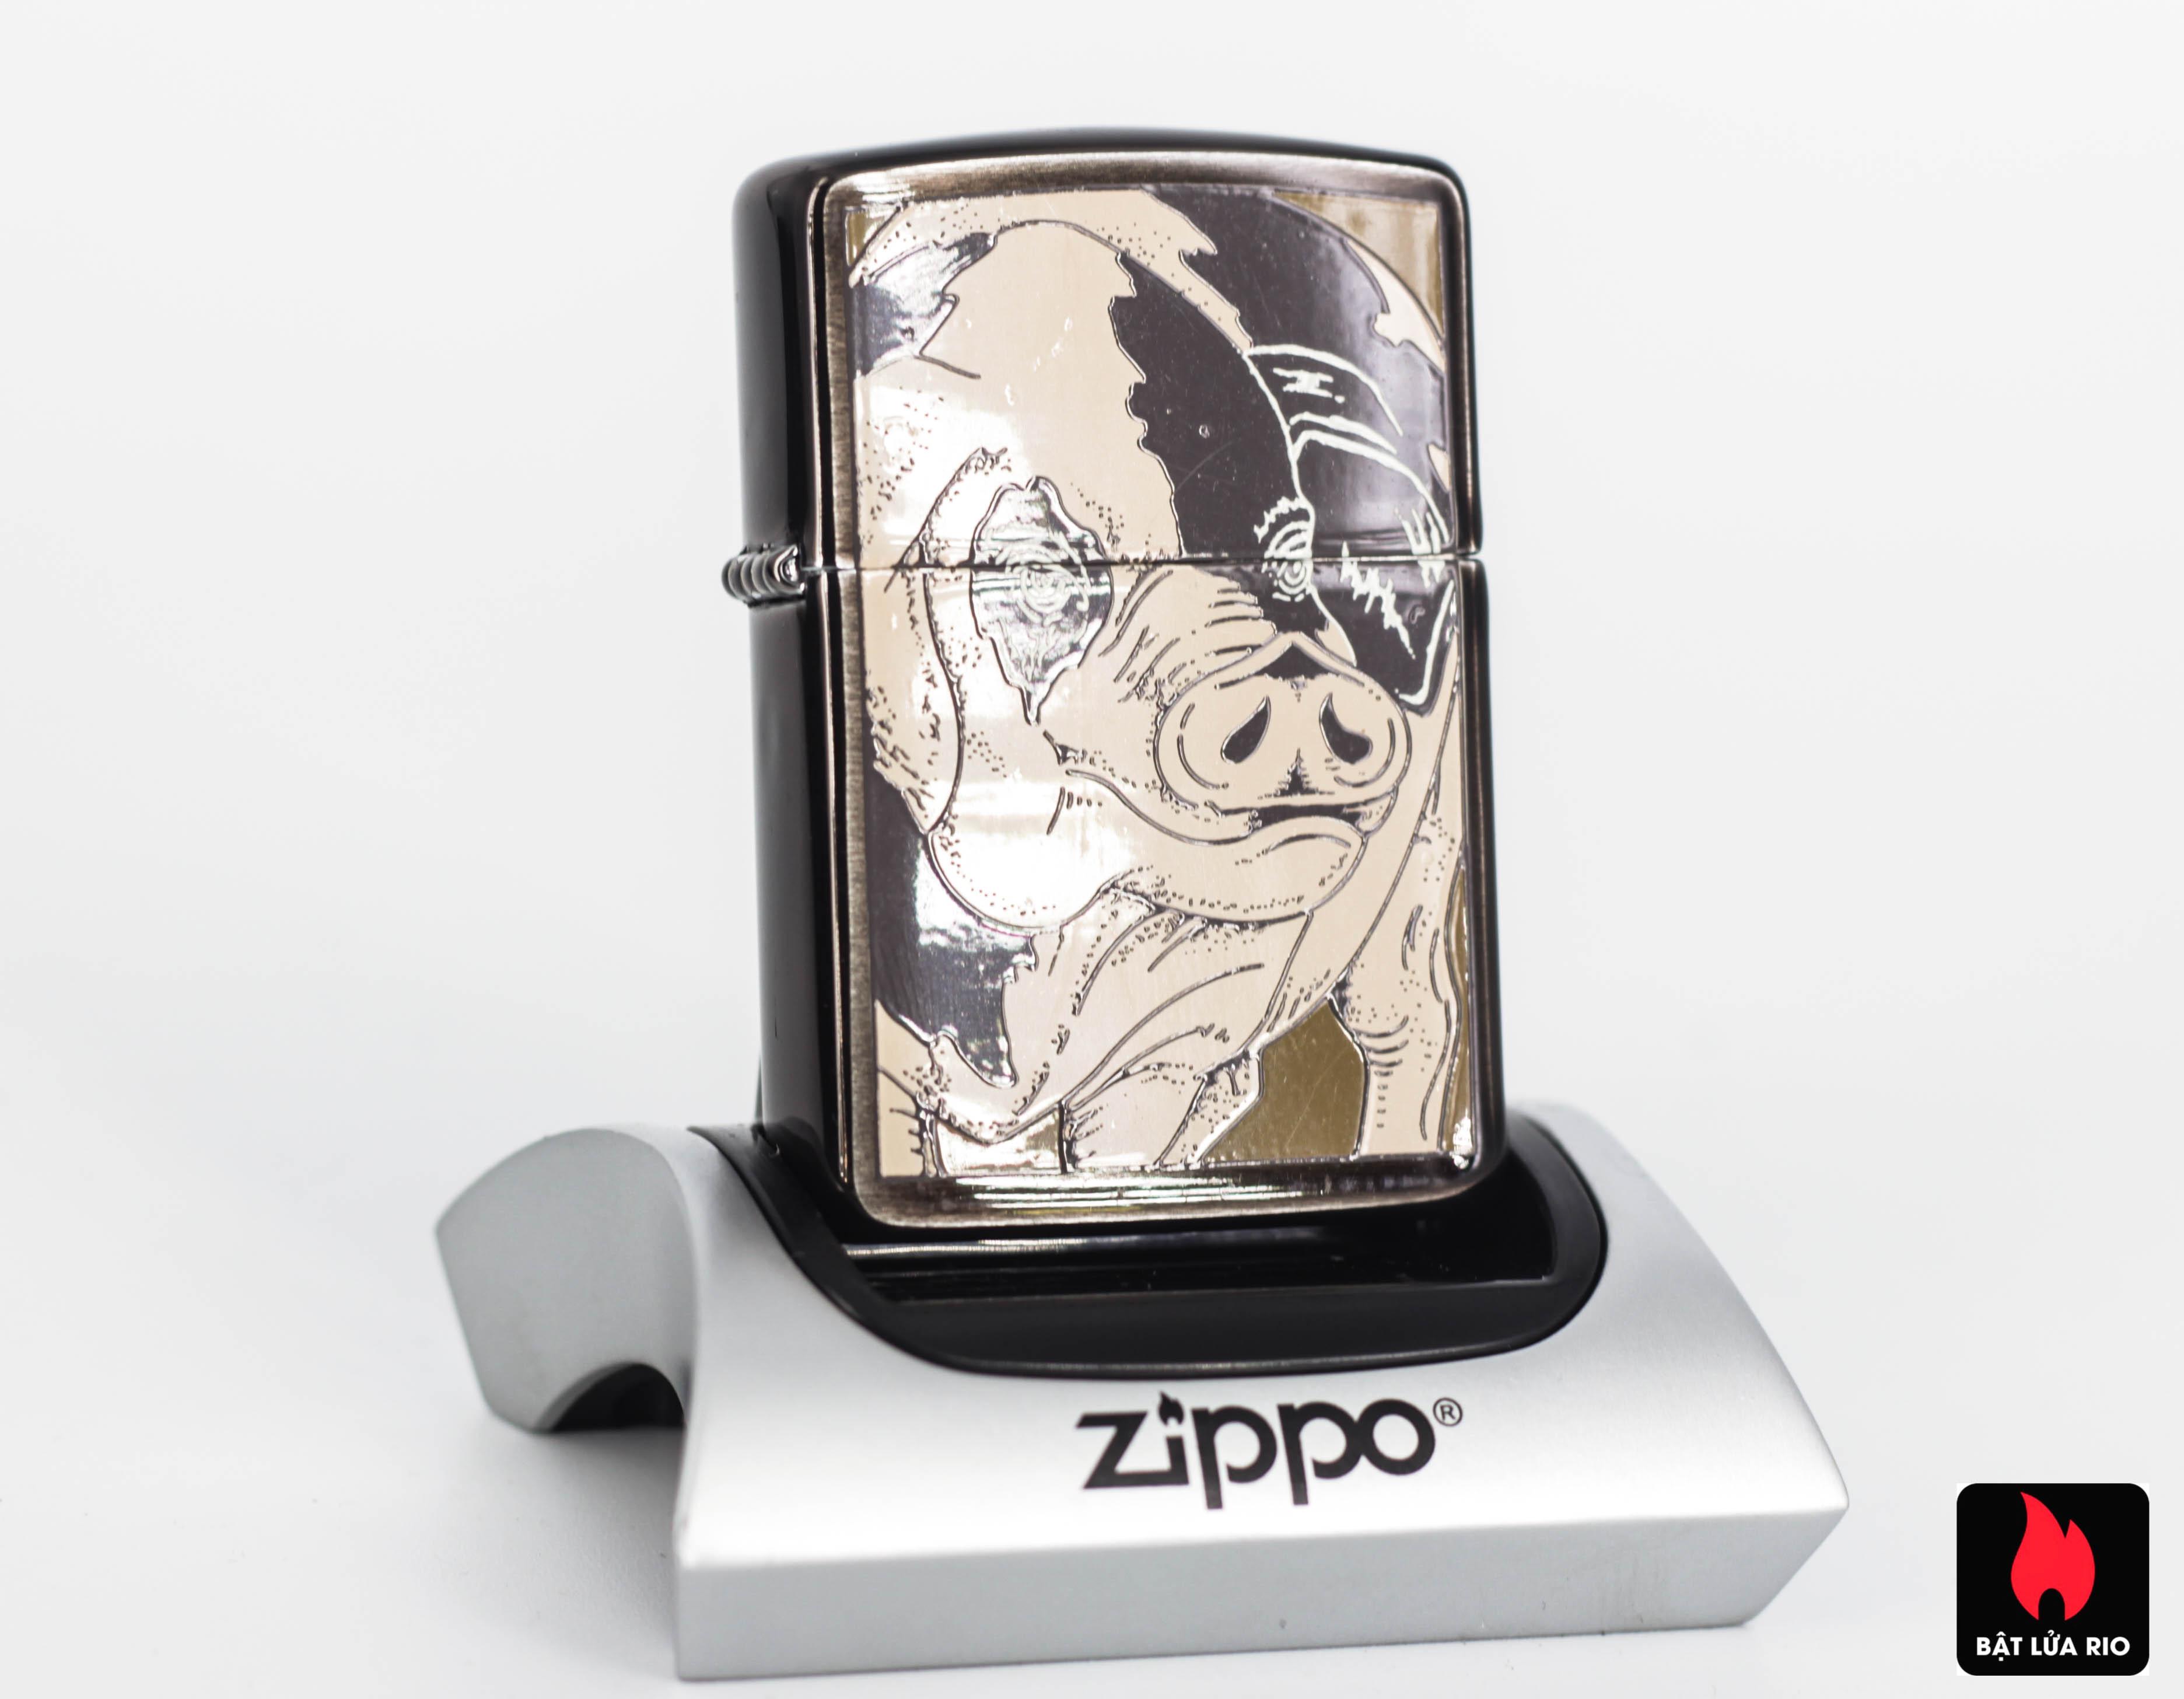 ZIPPO LA MÃ 1995 – PIG – BARRETT SMYTHE MIDNIGHT COLECTION